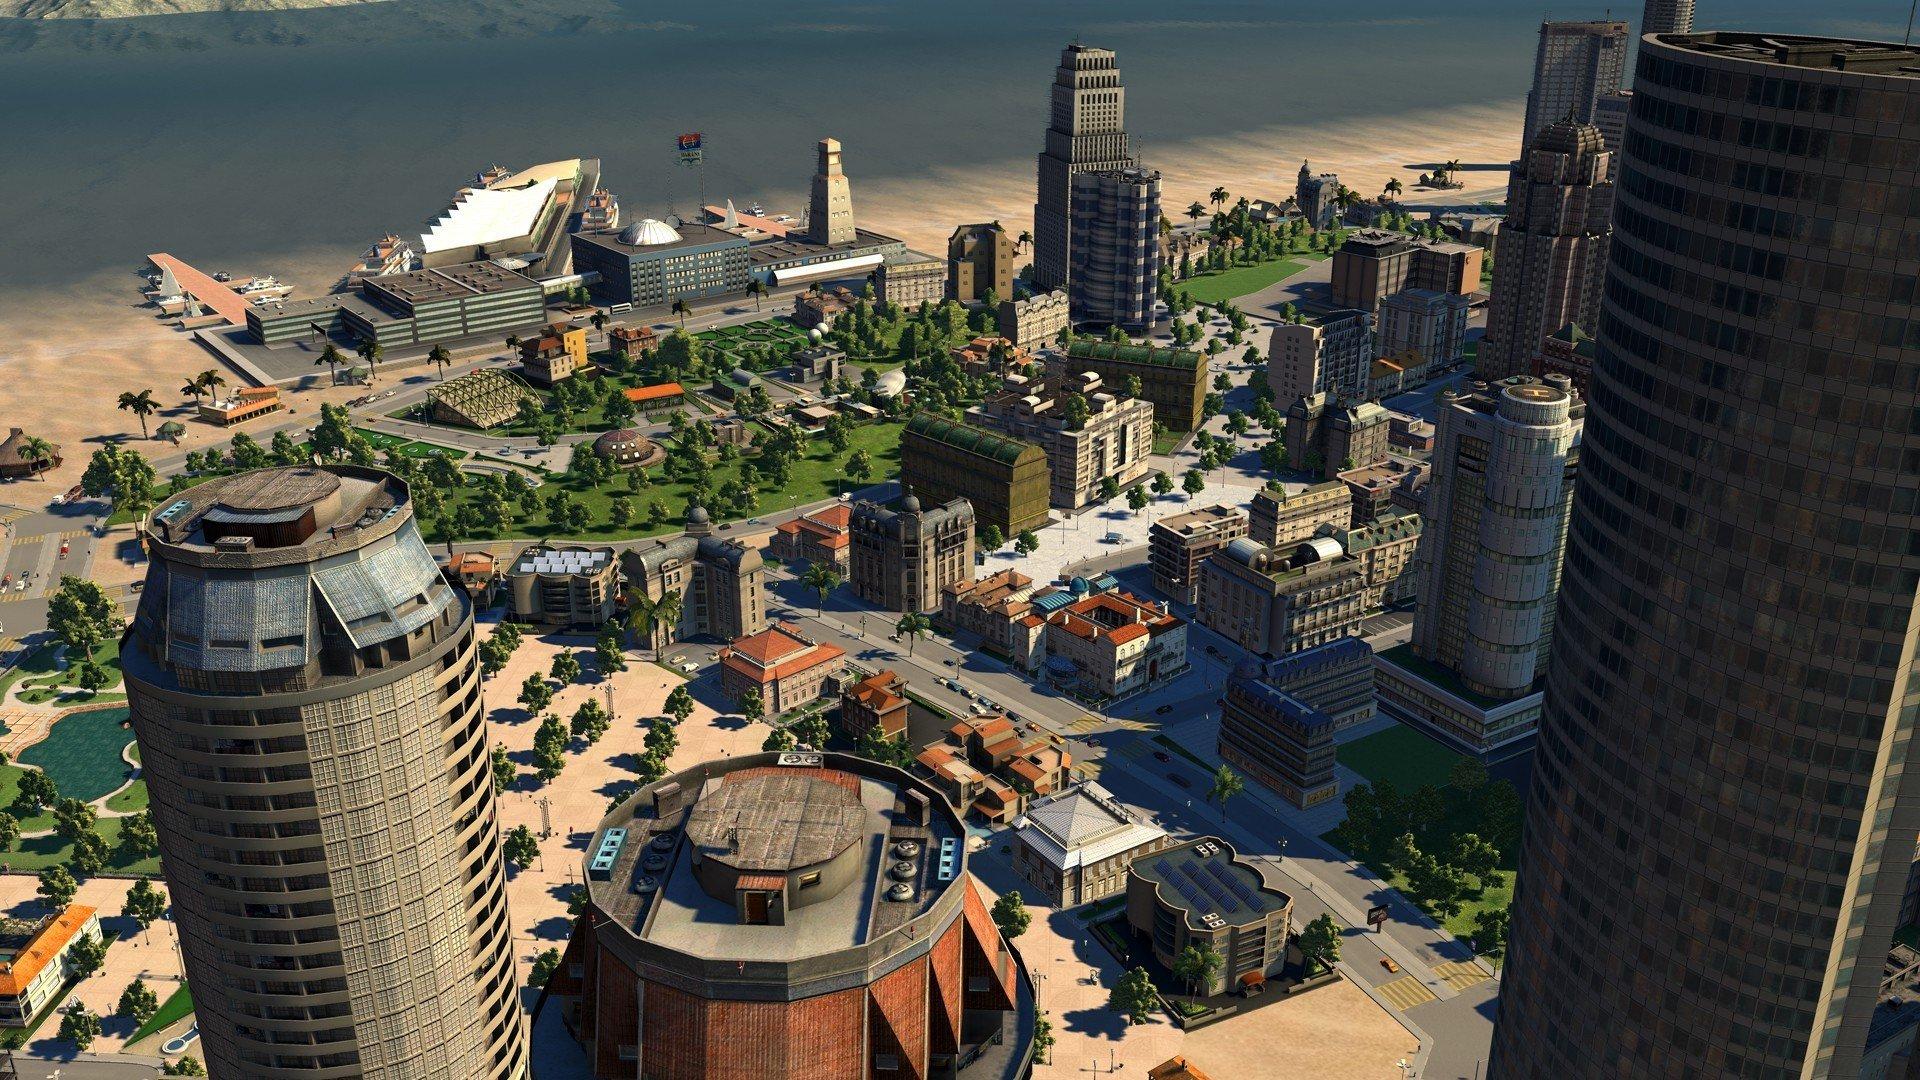 保衛城市安全的游戲